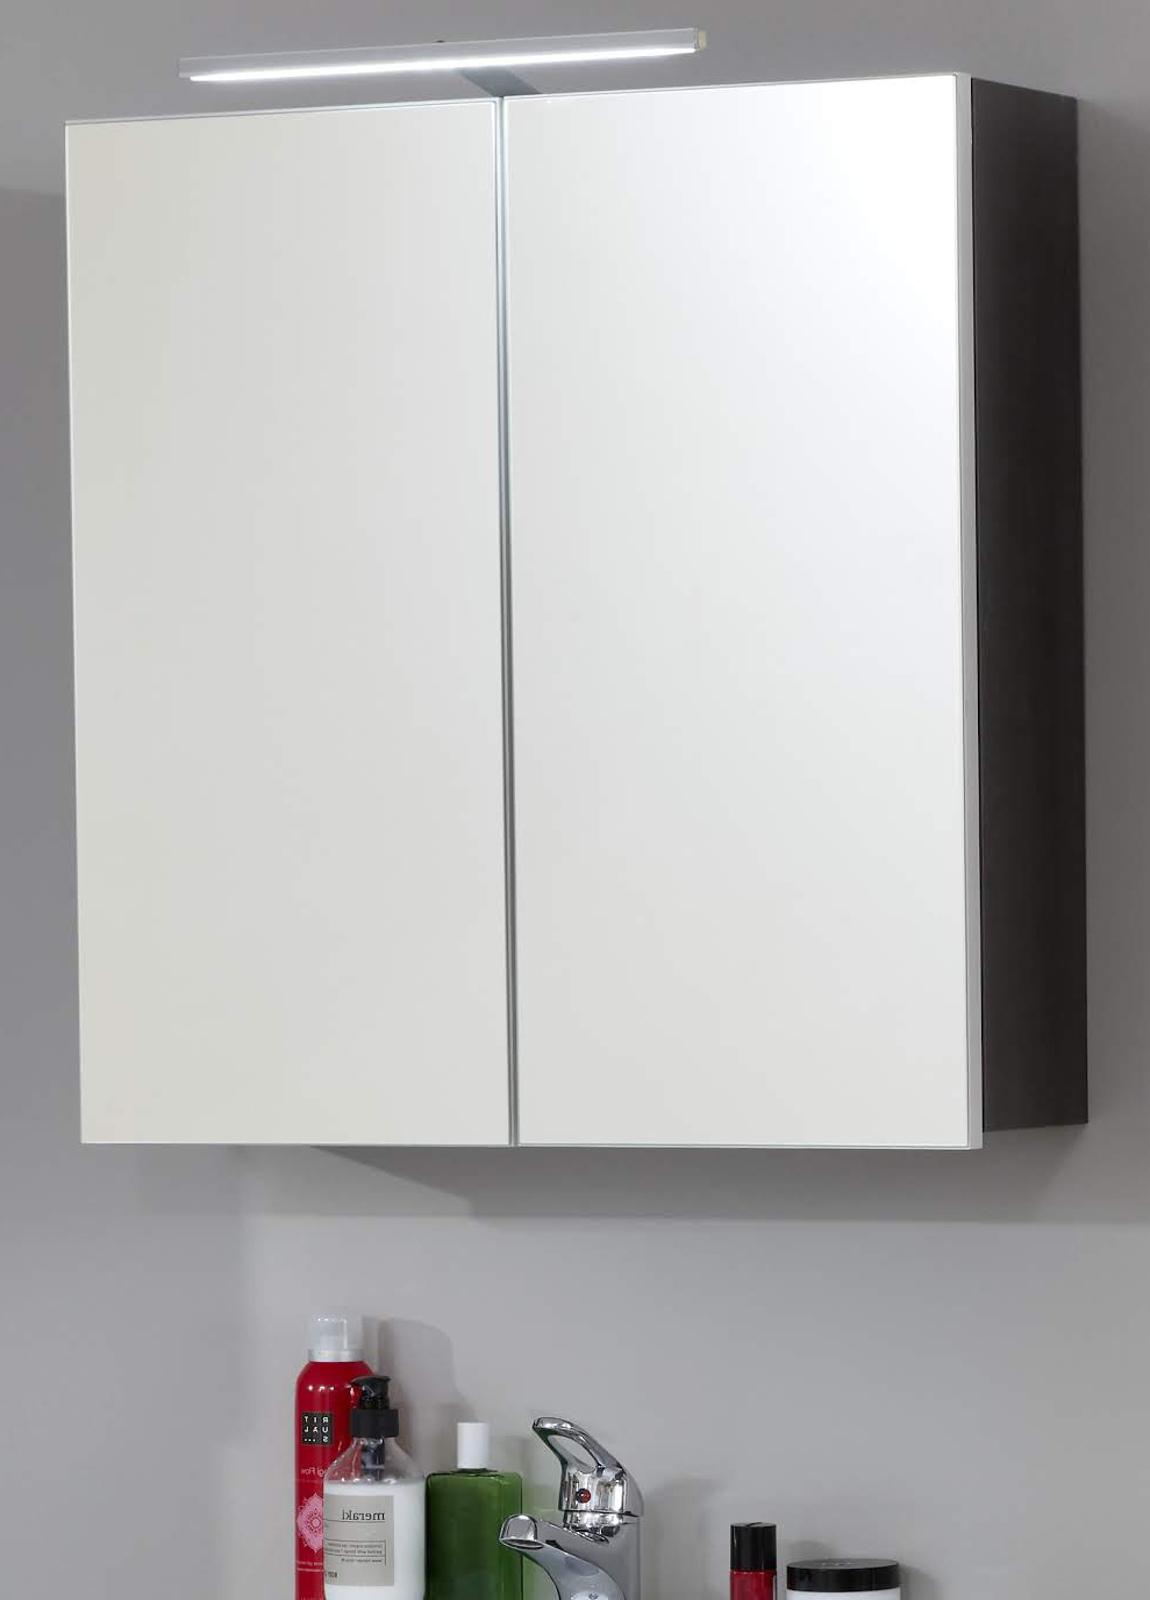 Spiegelschrank Line Sardegna Grau 60 Cm